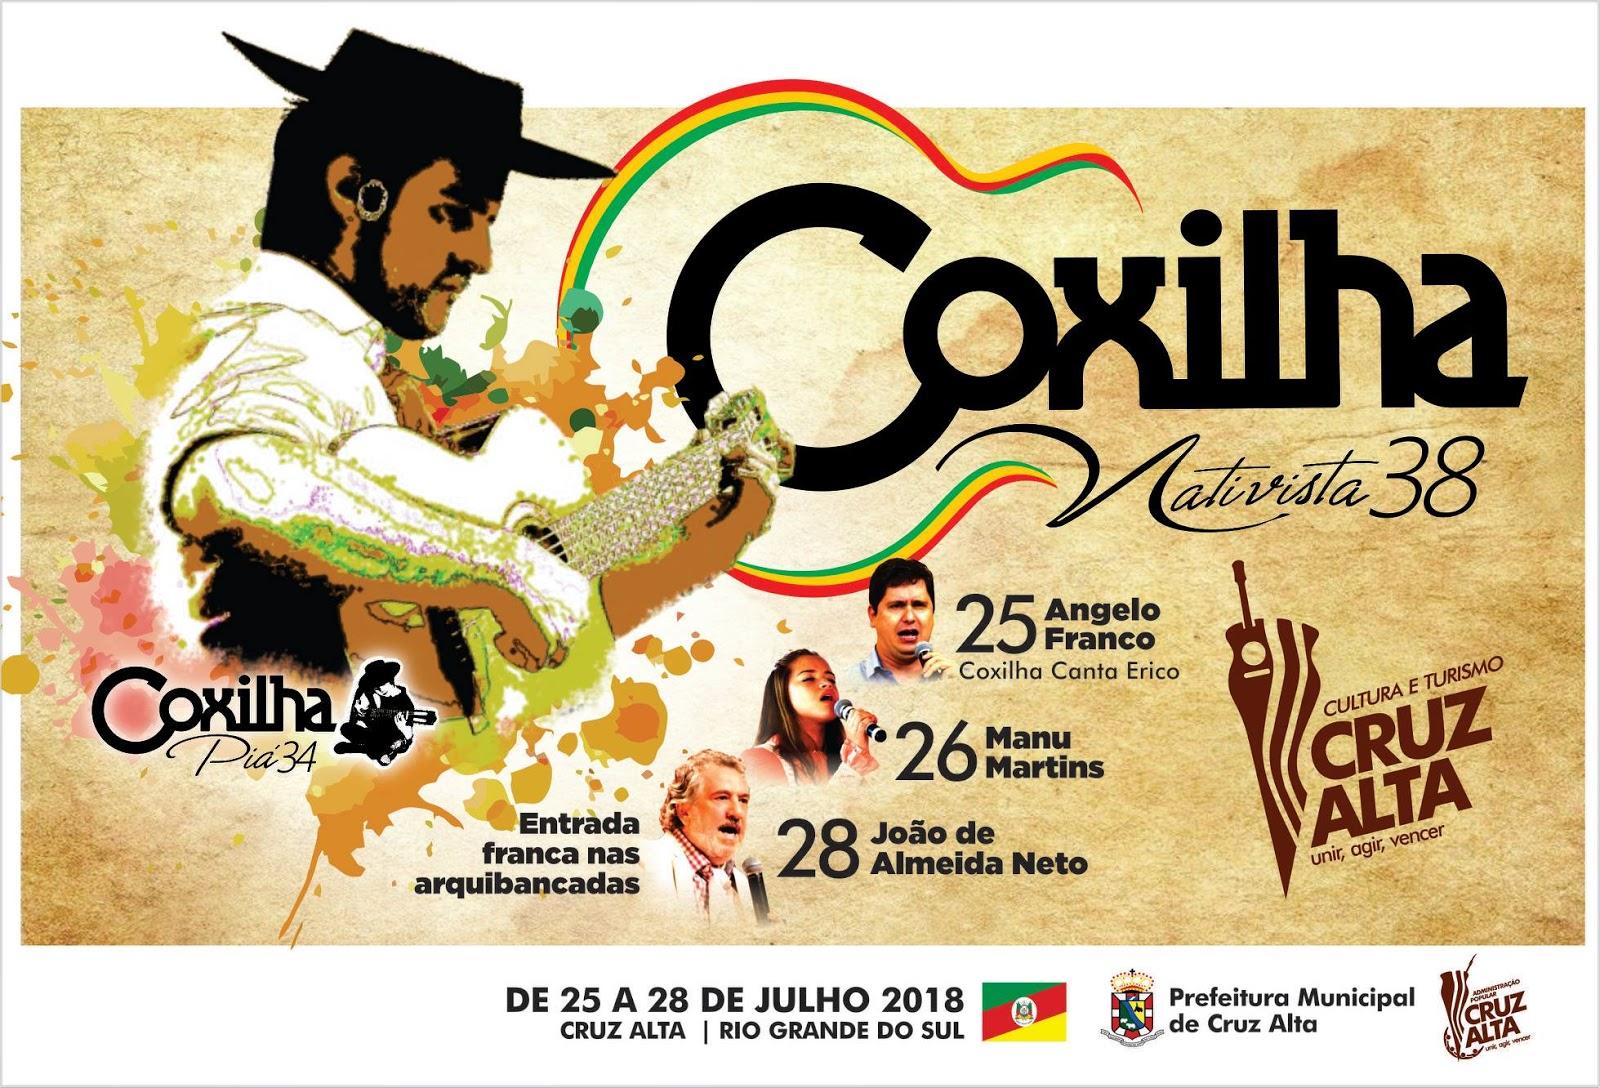 Confira a programação completa da 38ª Coxilha Nativista que inicia na próxima semana